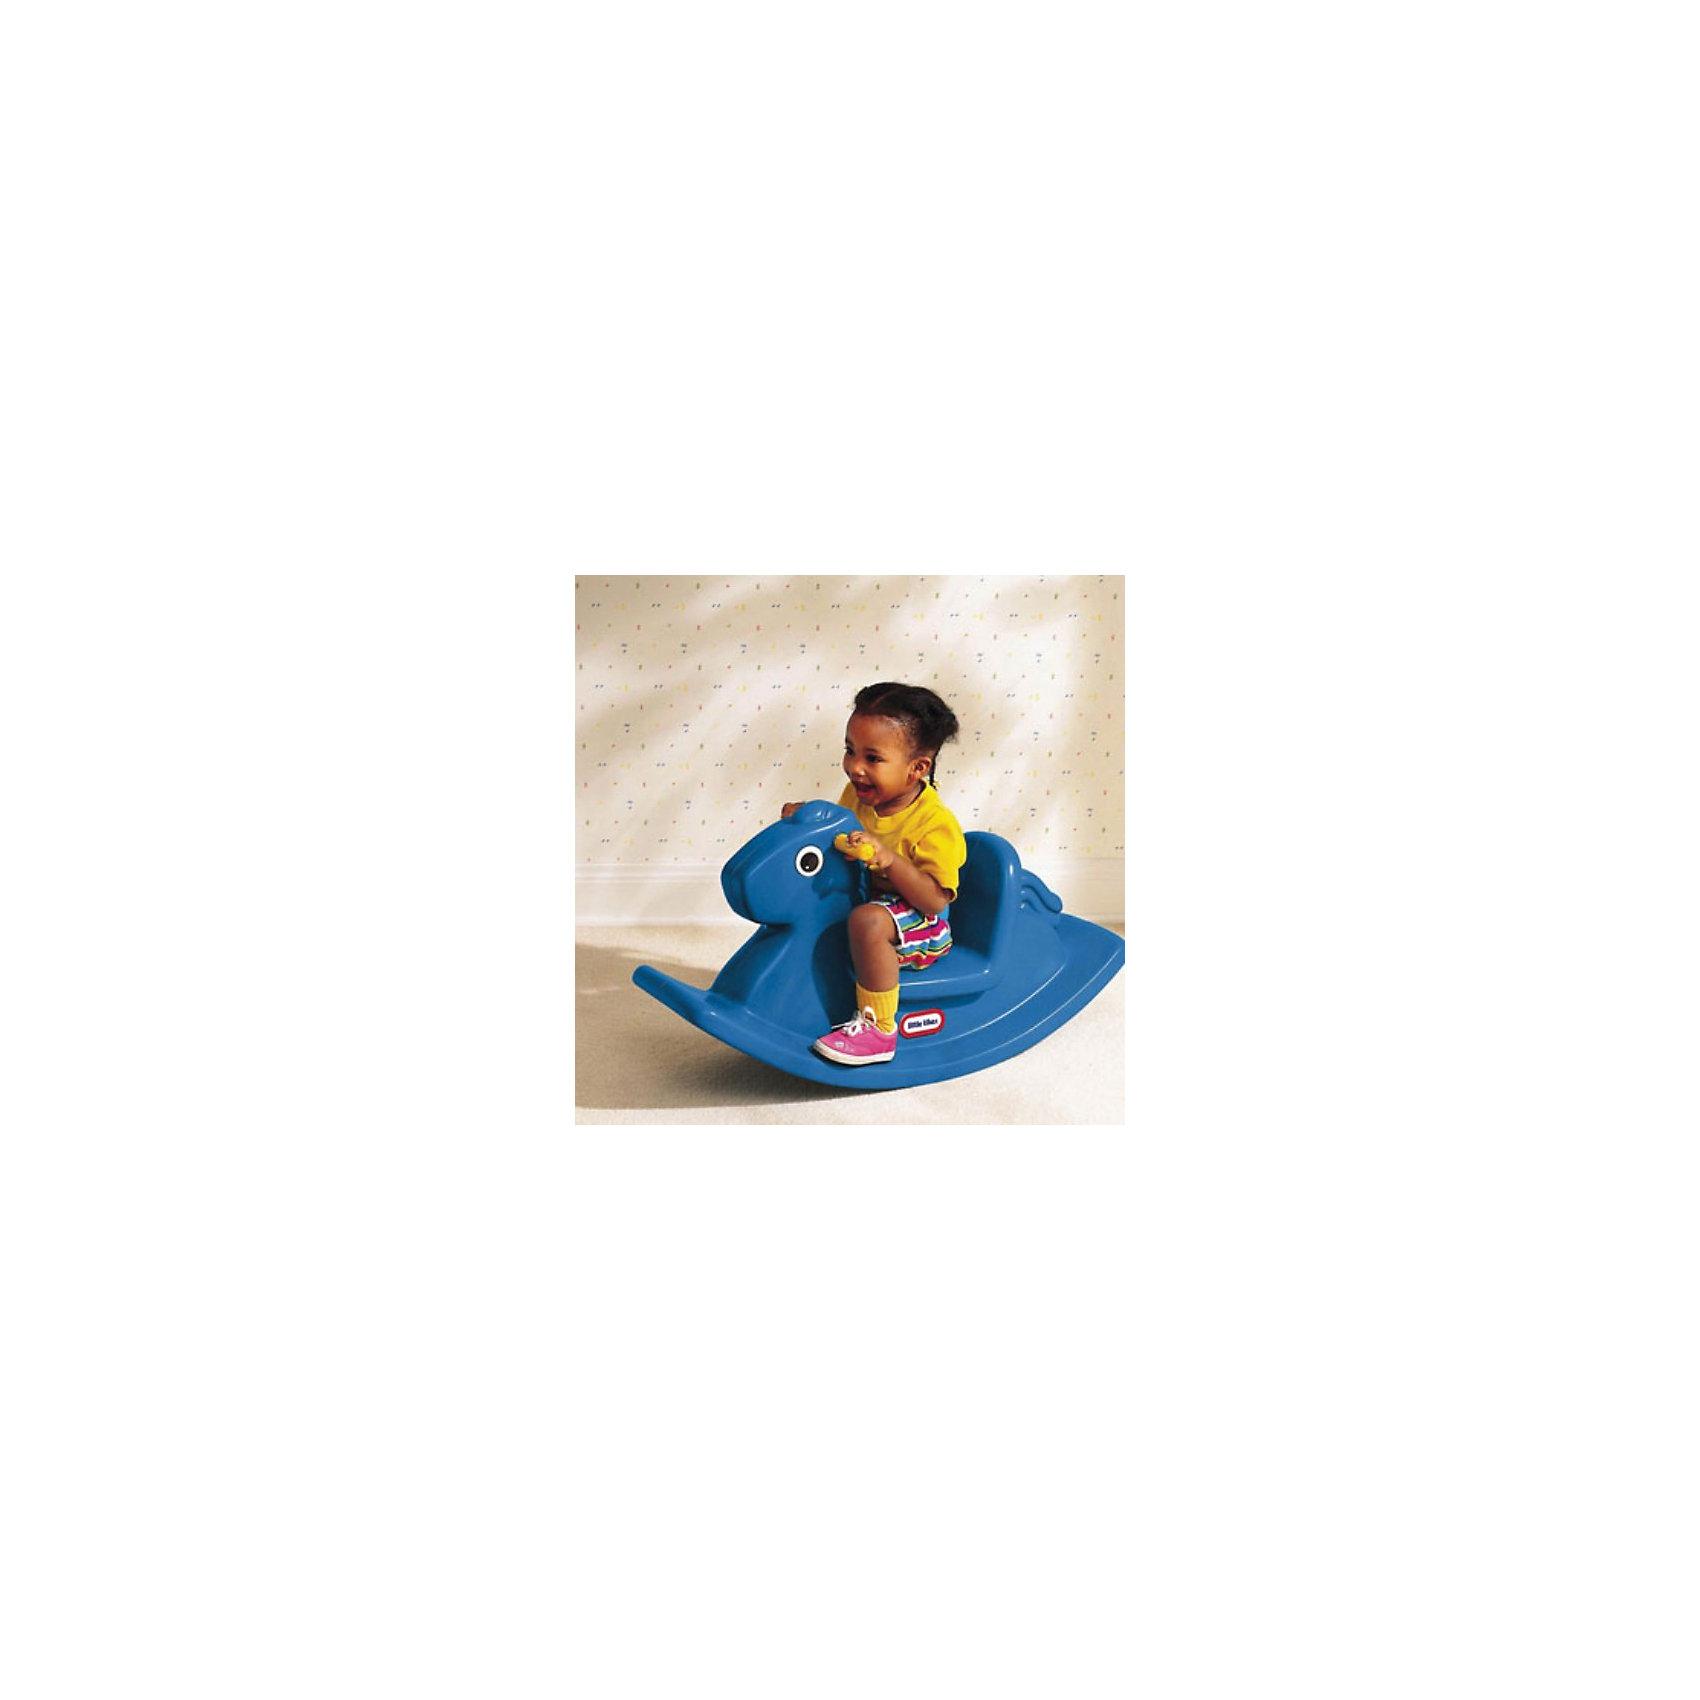 Little tikes Игрушка-качалка ЛошадкаКачели и качалки<br>Little tikes Игрушка-качалка Лошадка  изготовлена из прочного пластика, сконструирована  с учетом особенностей строения тела ребенка: высокая спинка, удобное сиденье и широкое основание.<br>Может использоваться как дома, так и на открытом воздухе.<br><br>При изготовлении качалки применяется метод  центробежного литья, что позволяет сделать ее ударопрочной и устойчивой к перепадам температур.<br>Выдерживает температуру до -18?С<br><br>Качалка предназначена для детей от 1 года до 3-х лет<br>Размеры качалки: 86 х 29 х 43 см (длина, ширина, высота)<br>Цвет качалки: синий<br><br>Ширина мм: 860<br>Глубина мм: 290<br>Высота мм: 430<br>Вес г: 4000<br>Возраст от месяцев: 12<br>Возраст до месяцев: 36<br>Пол: Унисекс<br>Возраст: Детский<br>SKU: 2269295